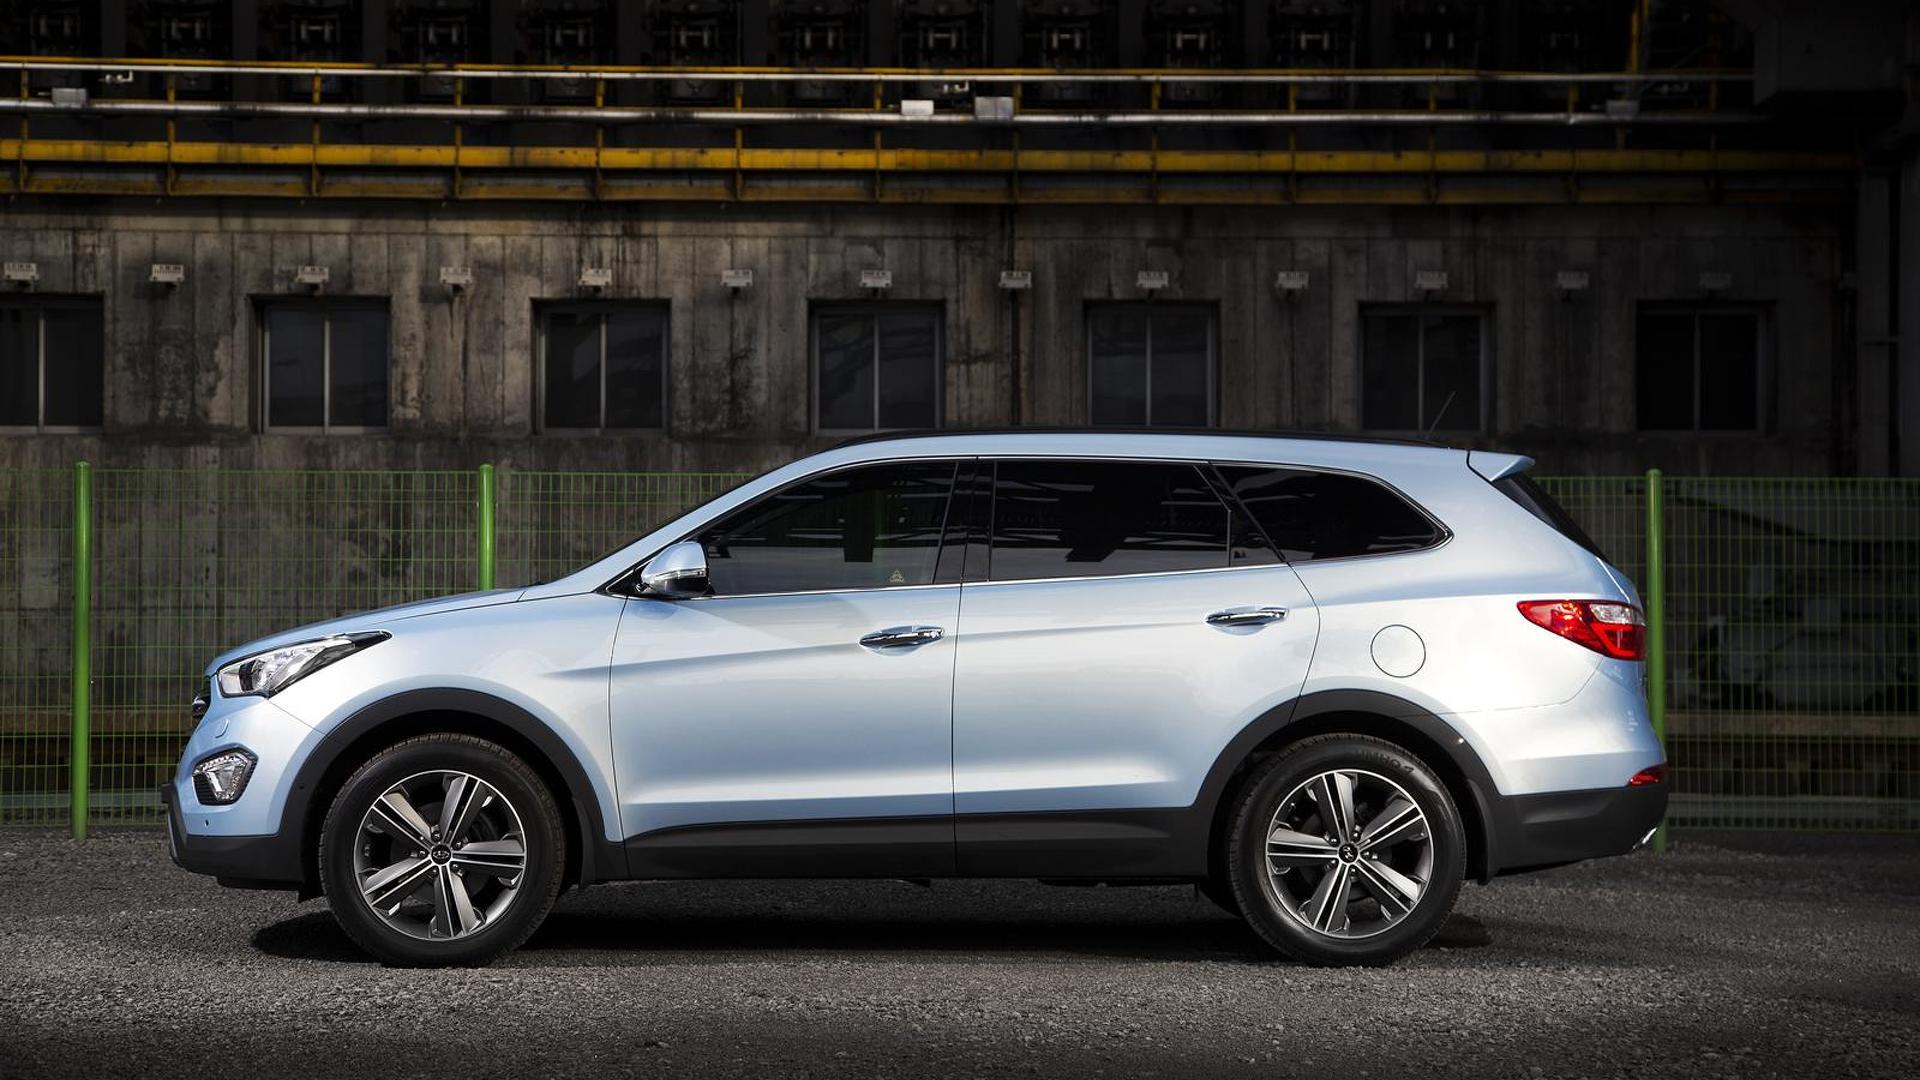 2013 Hyundai Grand Santa Fe set for Geneva debut